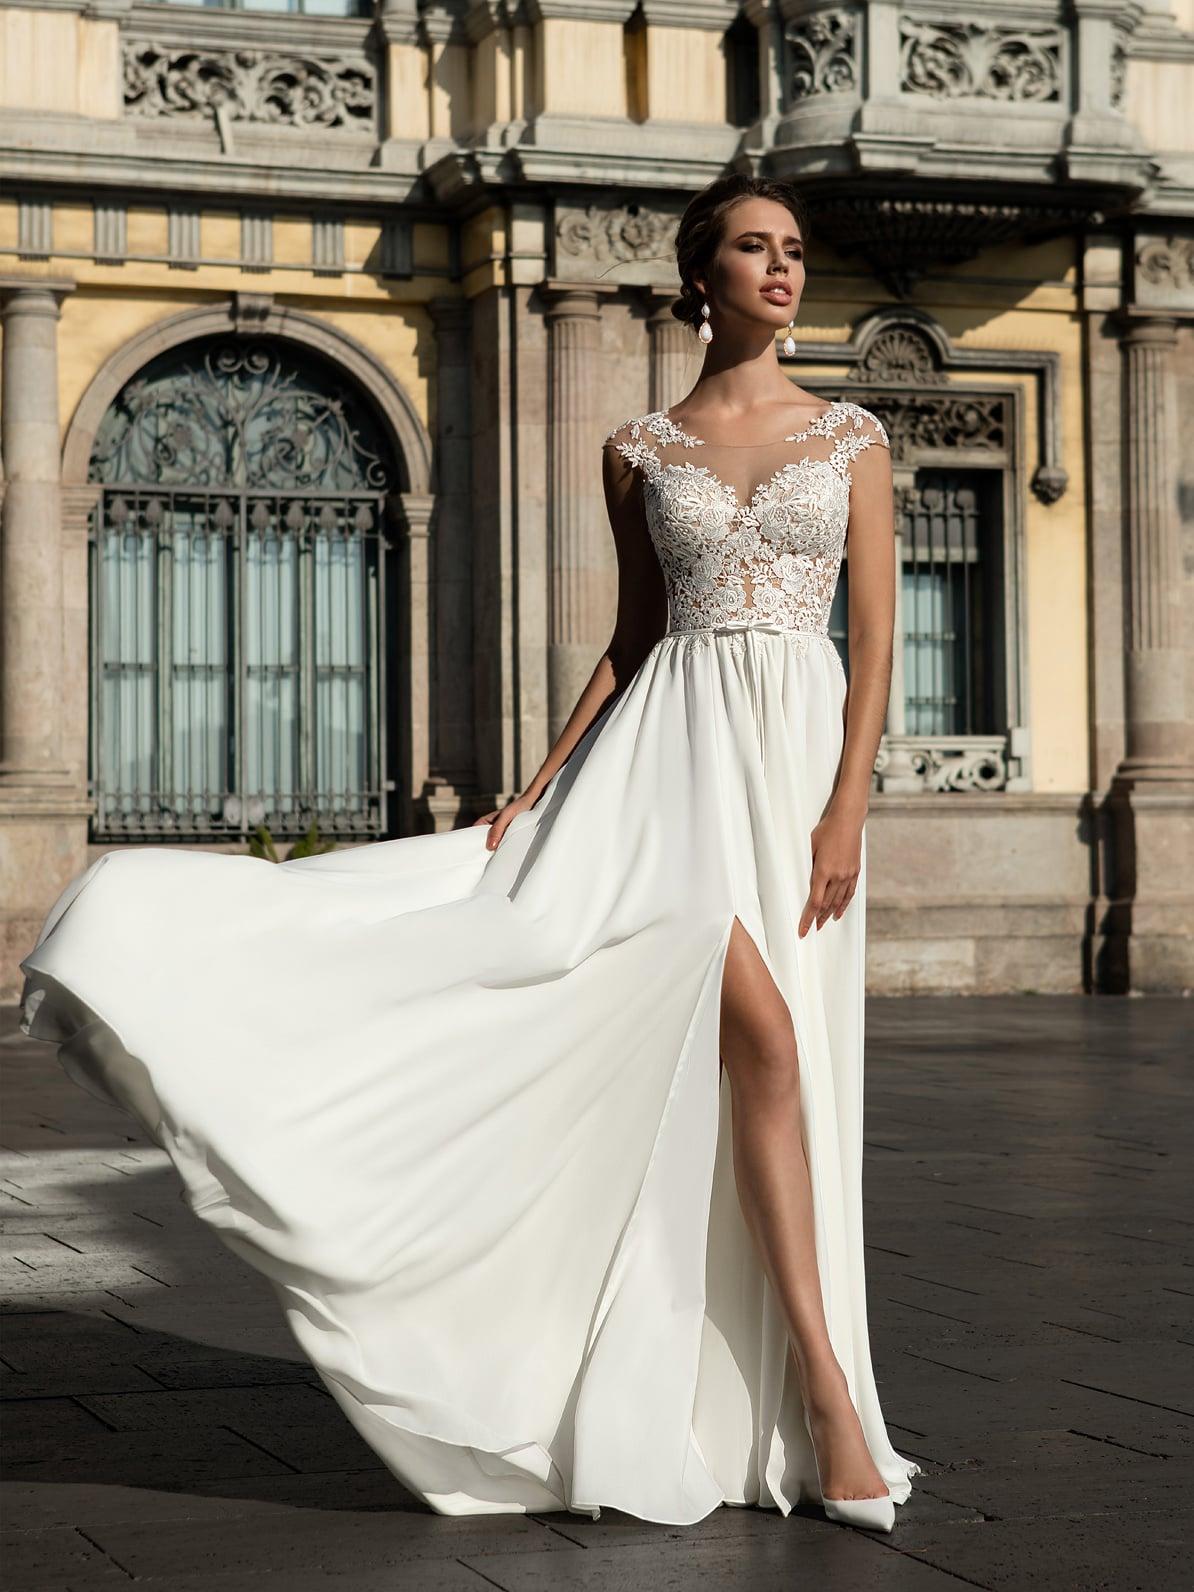 8320572b414 Кружевное свадебное платье с нежной прямой юбкой из шифона с разрезом сбоку.